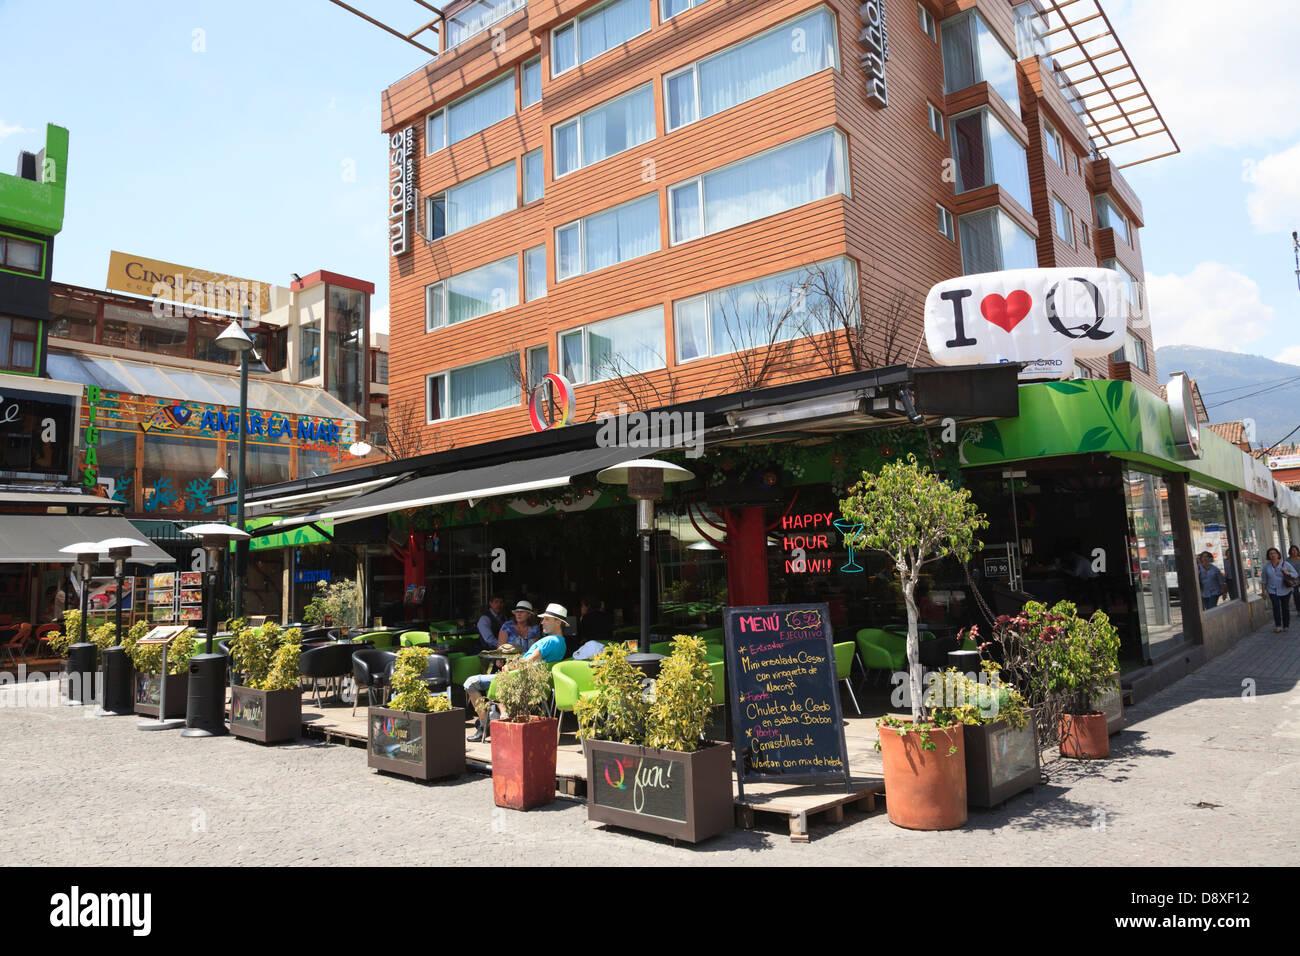 Plaza Foch, mangiare e bere, Quito, Città Nuova, Ecuador Immagini Stock